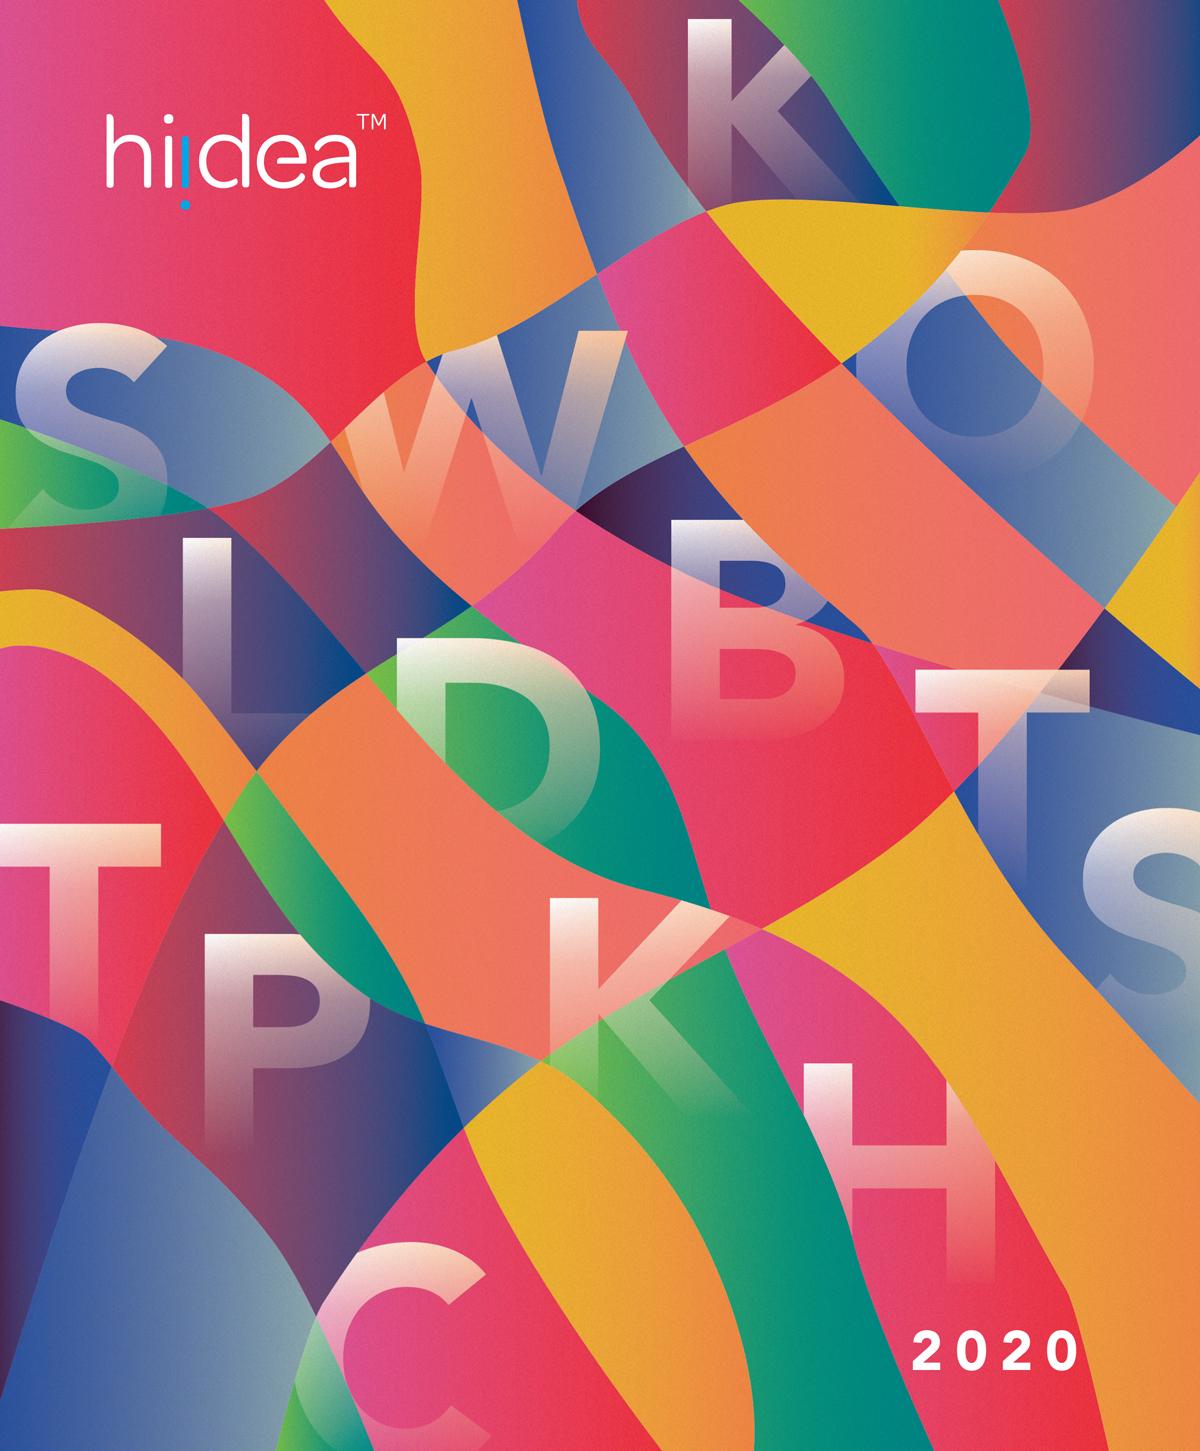 hiidea-2020